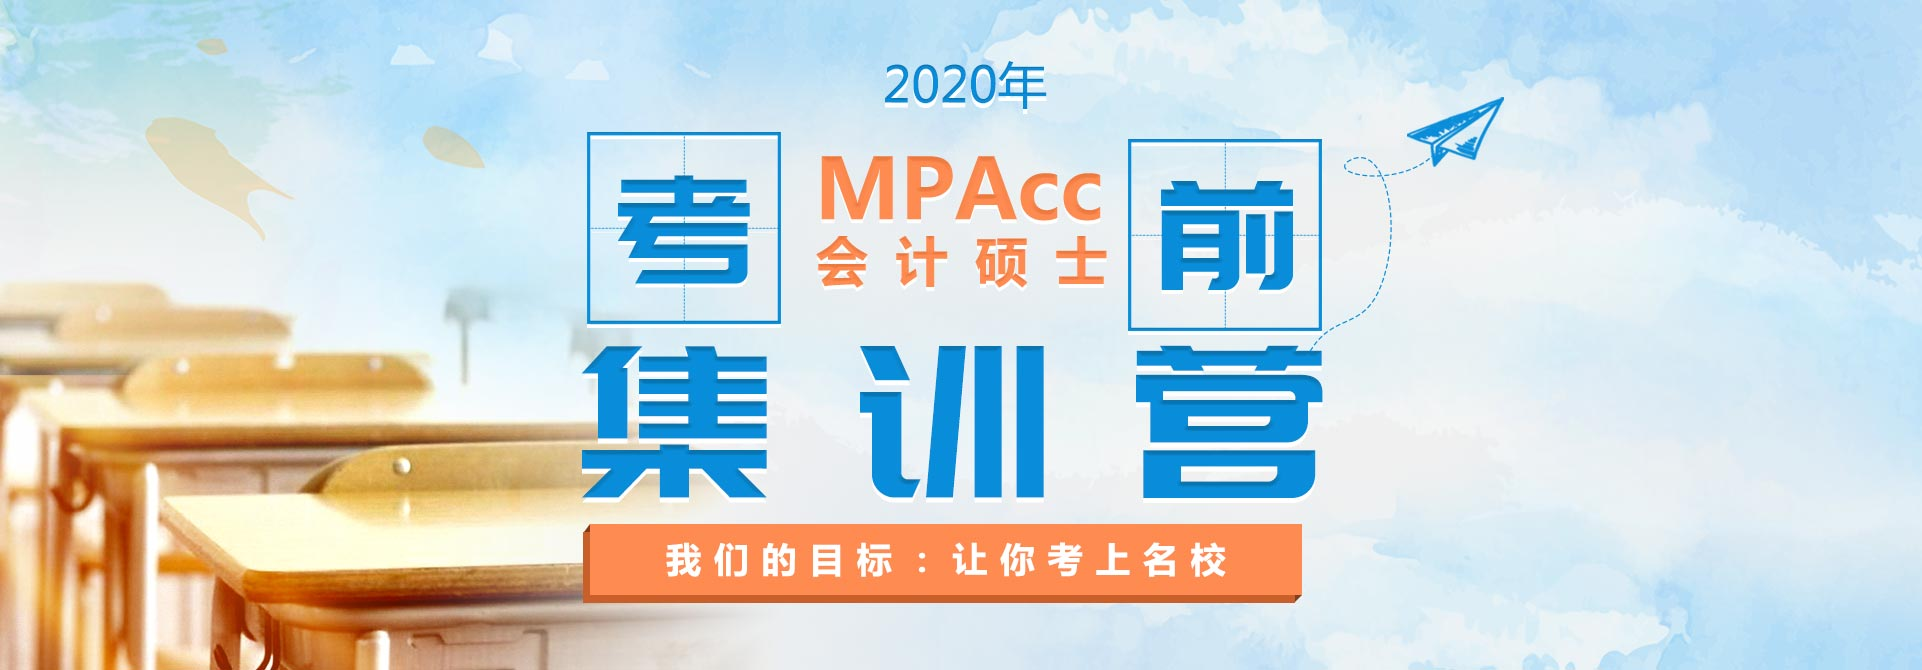 全国新增MPAcc会计硕士招生单位九所!